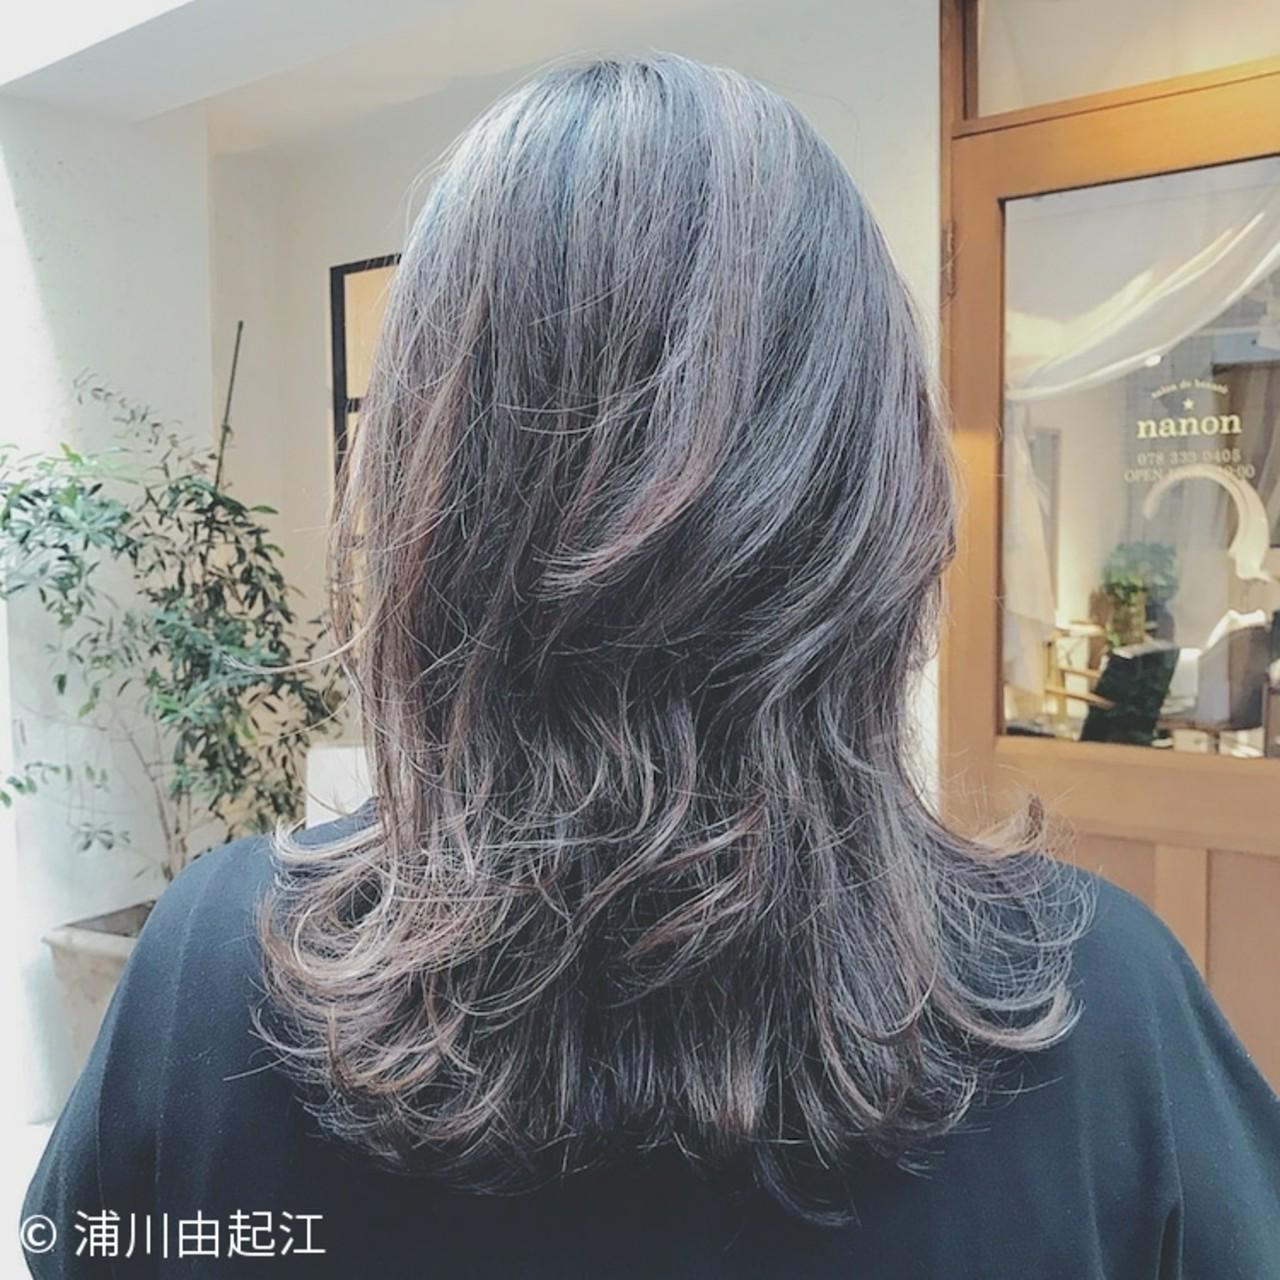 エレガント ハイライト 大人かわいい グラデーションカラー ヘアスタイルや髪型の写真・画像